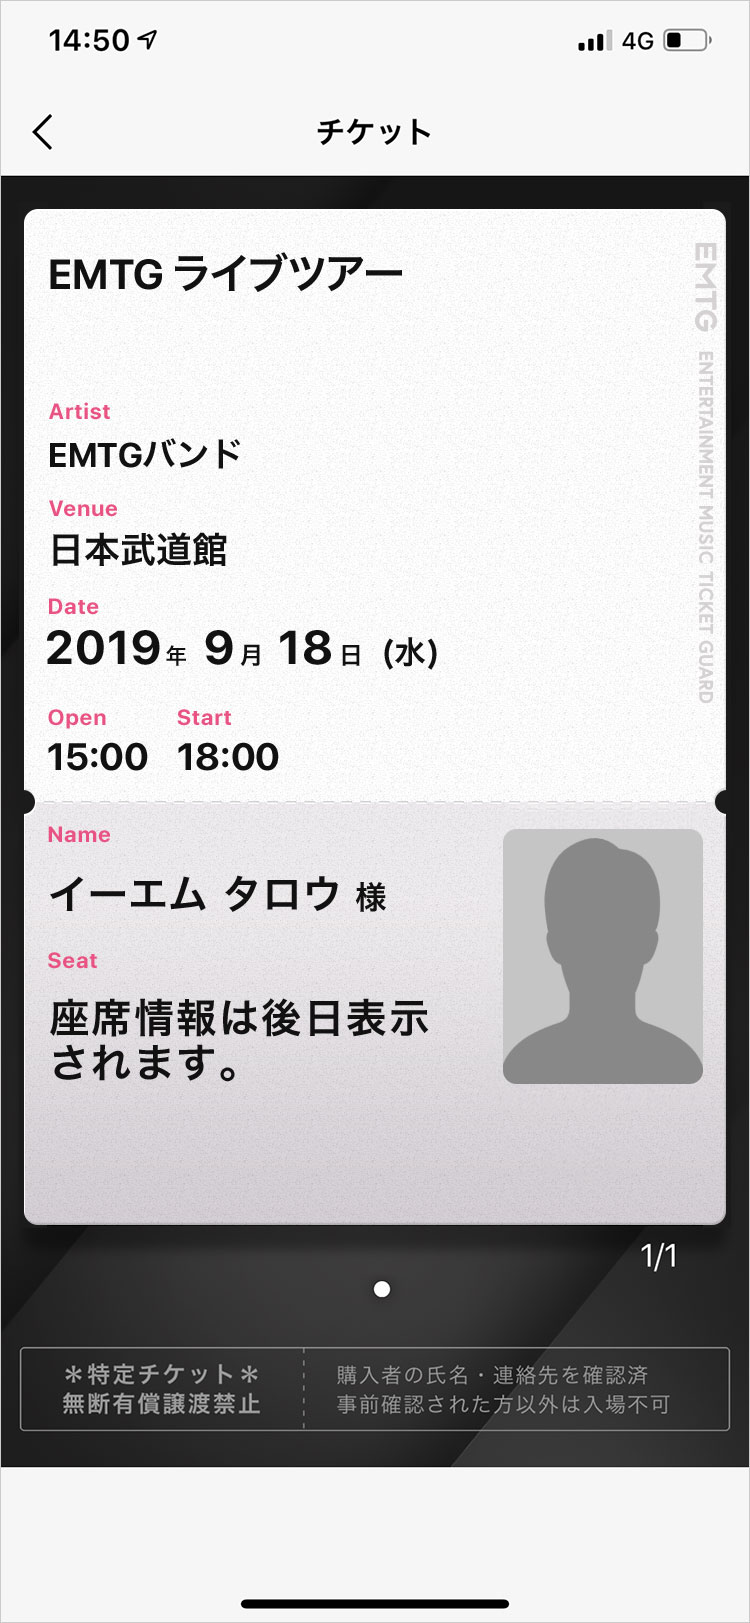 電子 譲渡 ローチケ チケット